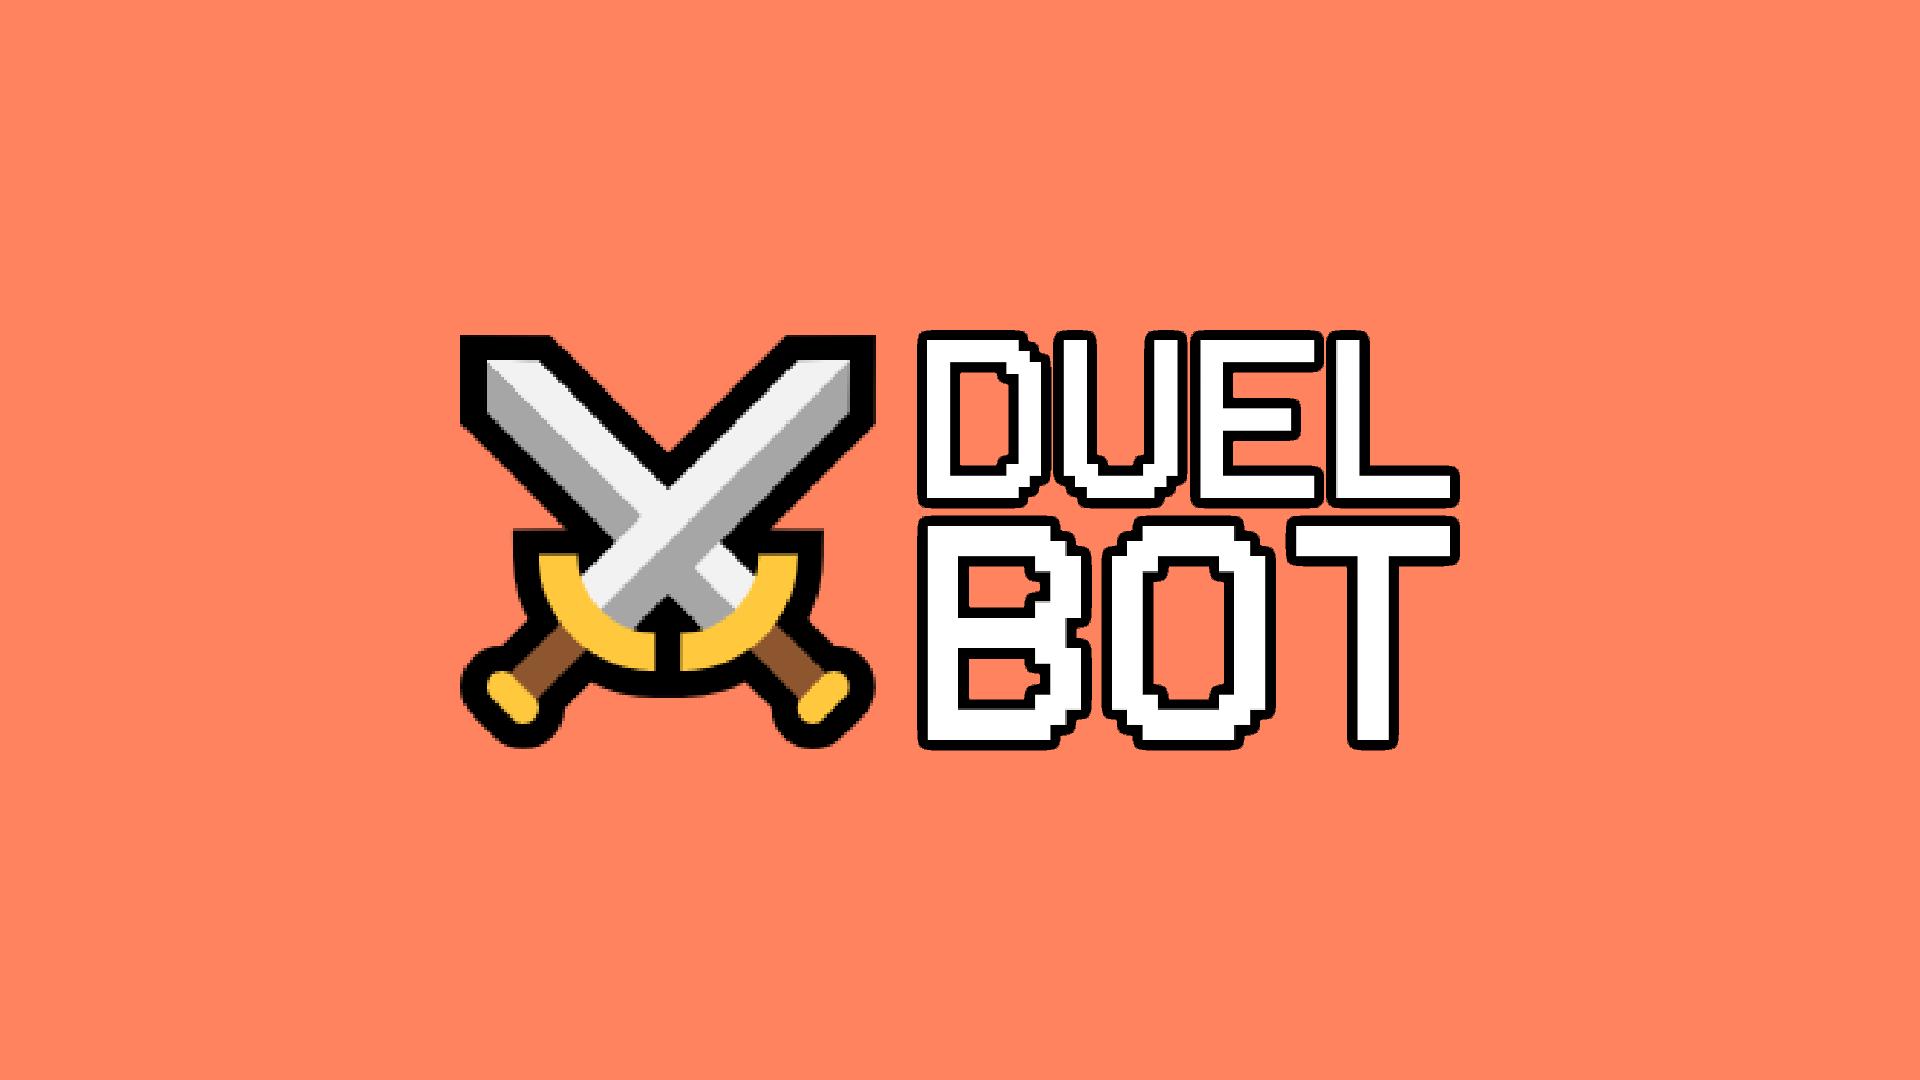 duel-bot